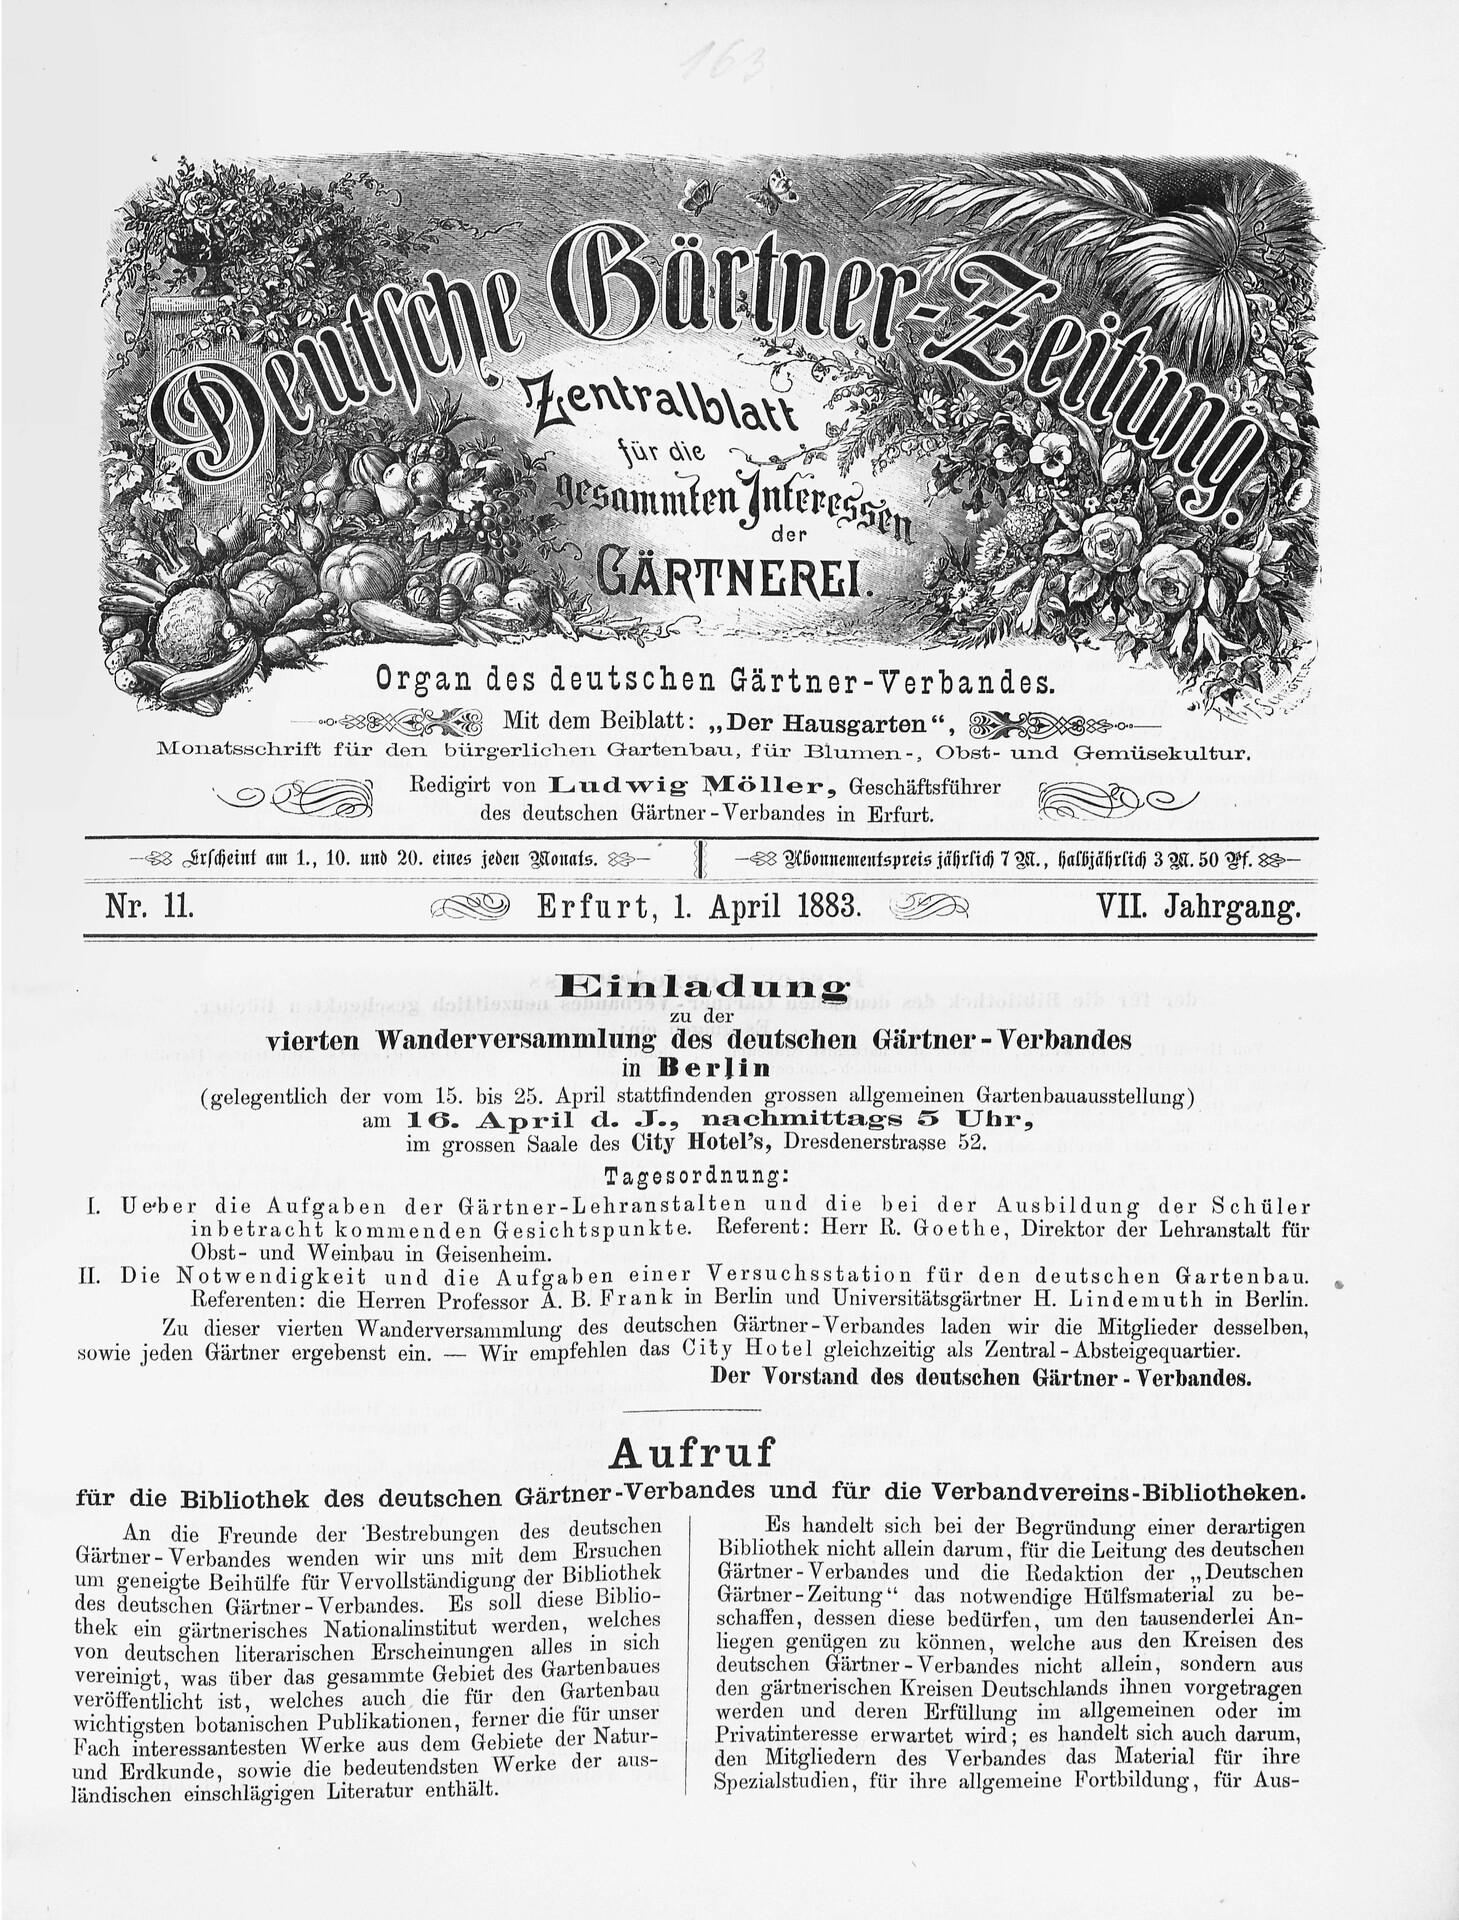 DGZAufrufbibliothek.05.163.jpg